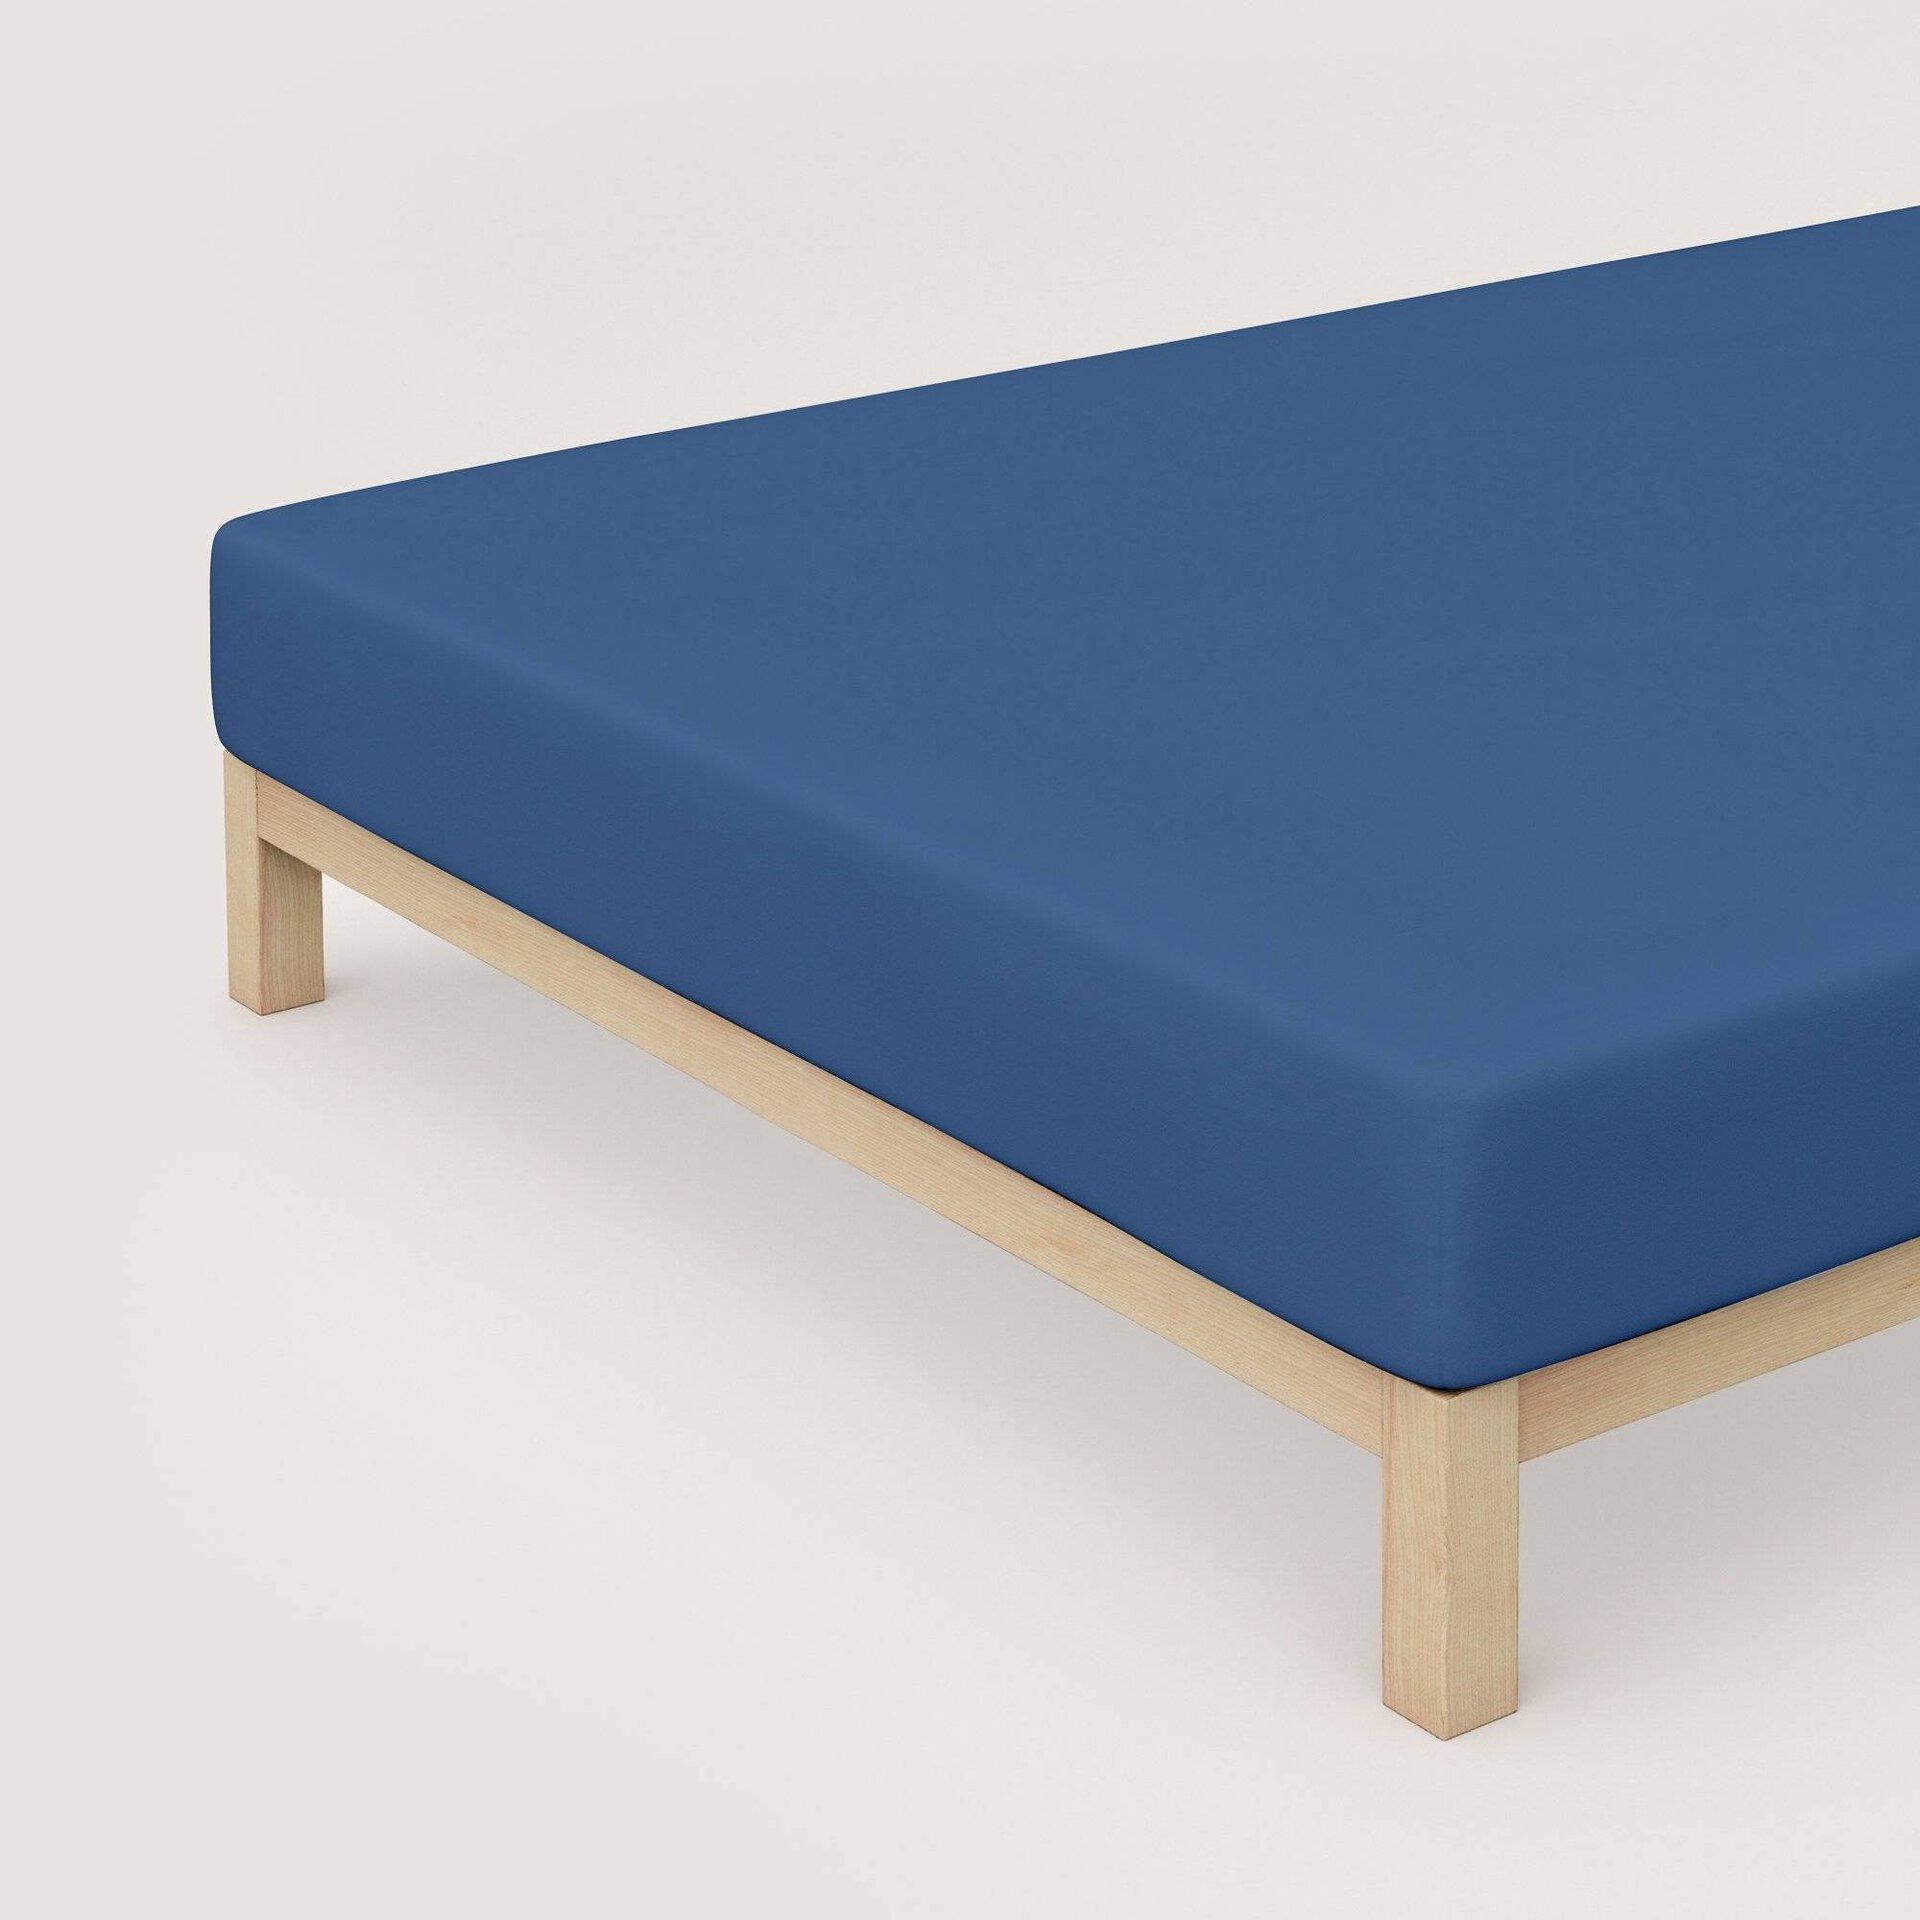 Jersey-Spannbetttuch Schlafgut Textil Blau 180 x 200 cm